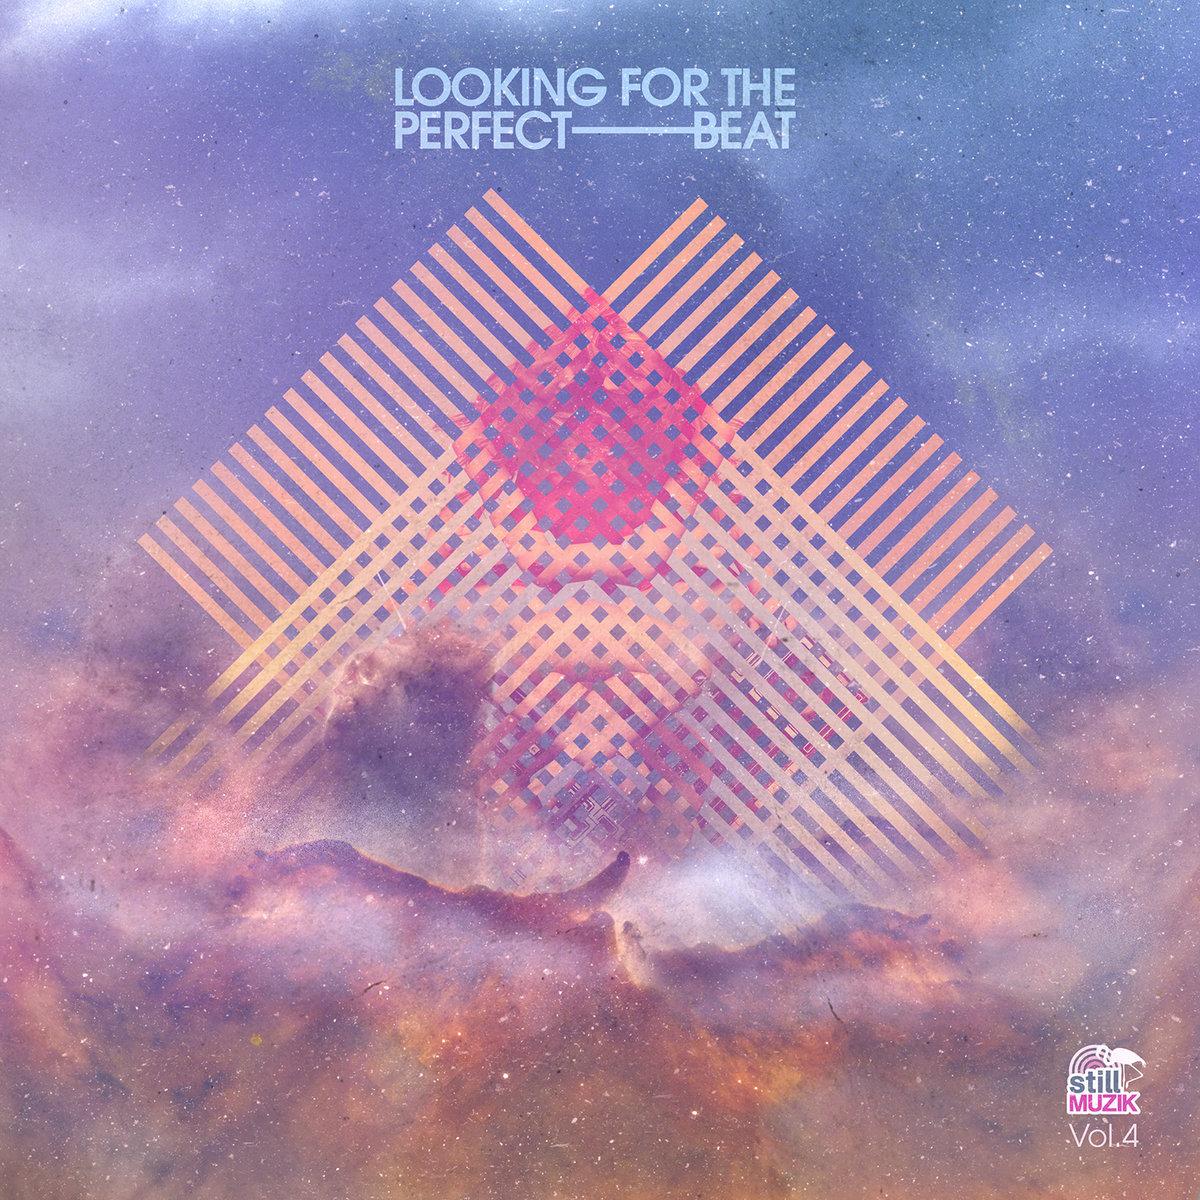 9. stillmuzik - Looking For The Perfect Beat Vol. 4